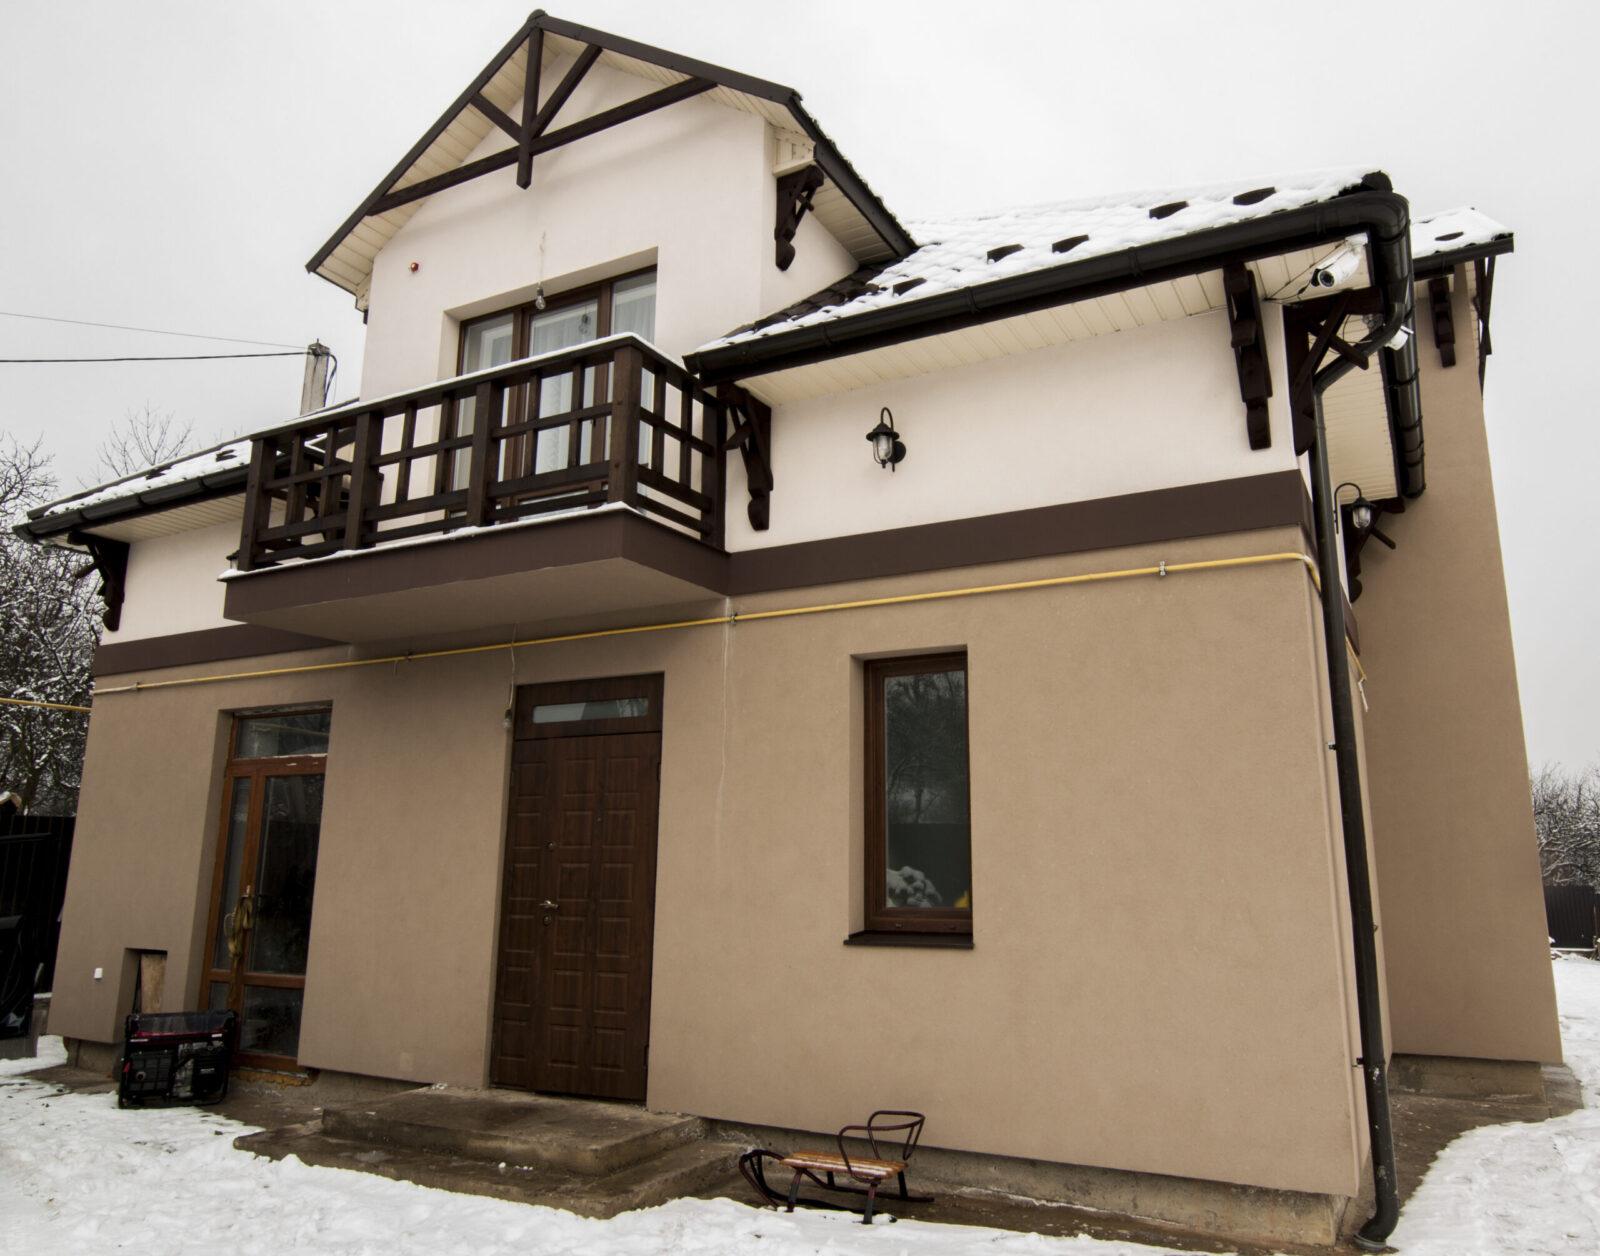 Приватний будинок, м. Чернівці